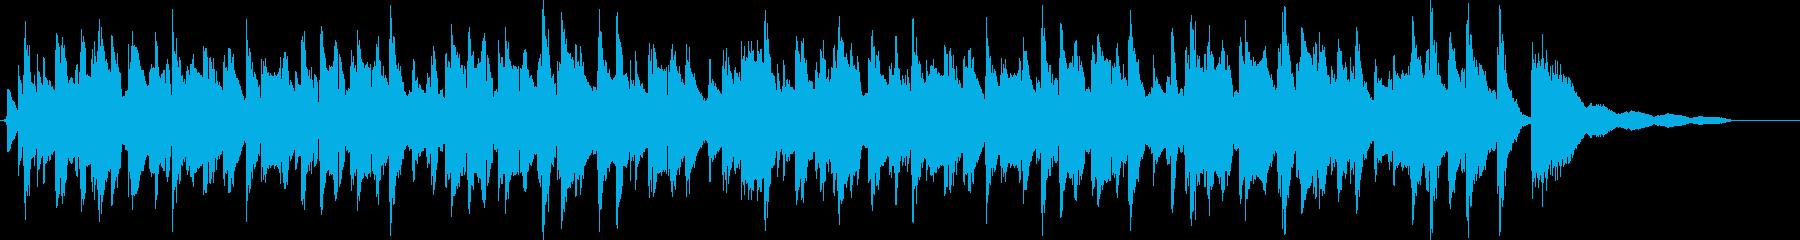 急がずあせらずマイペースなスローライフ…の再生済みの波形